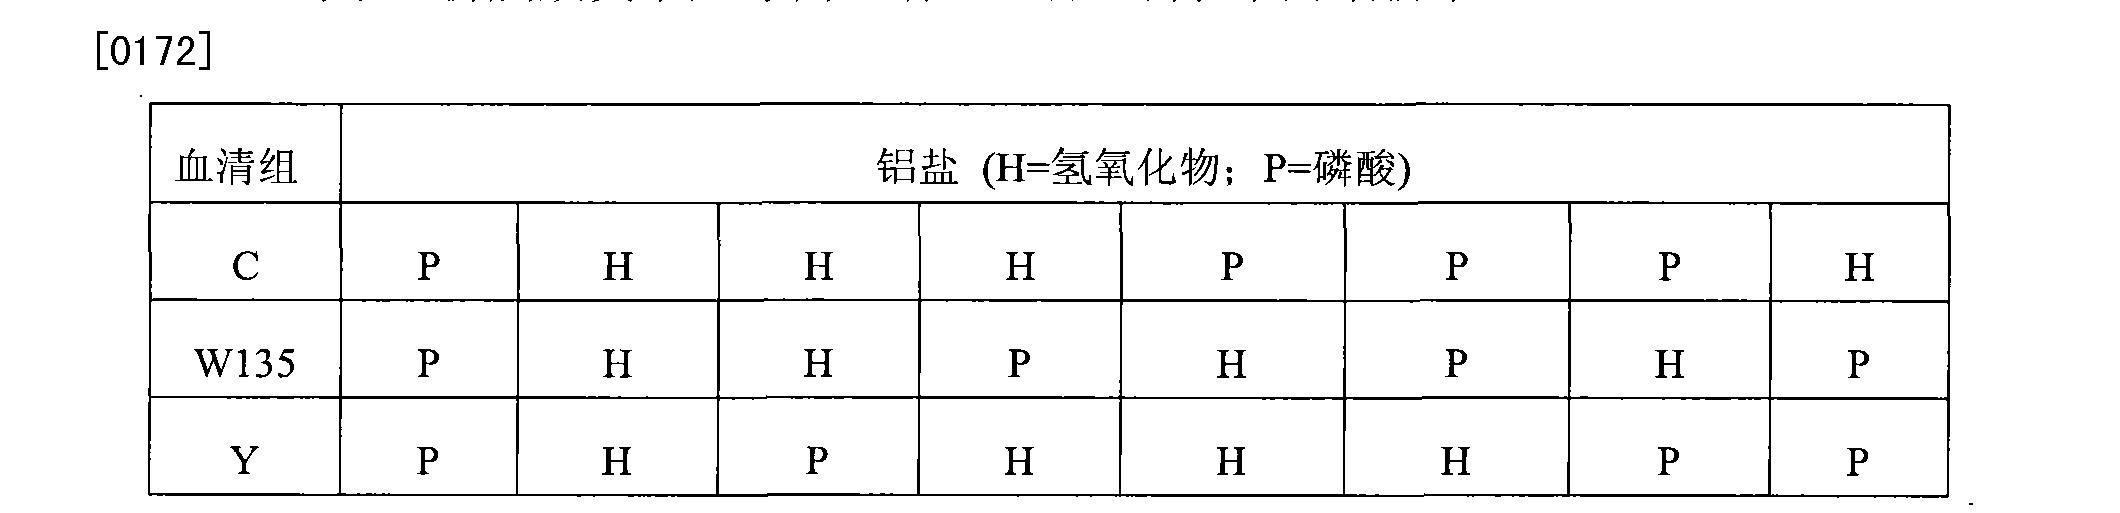 Figure CN102302776BD00212